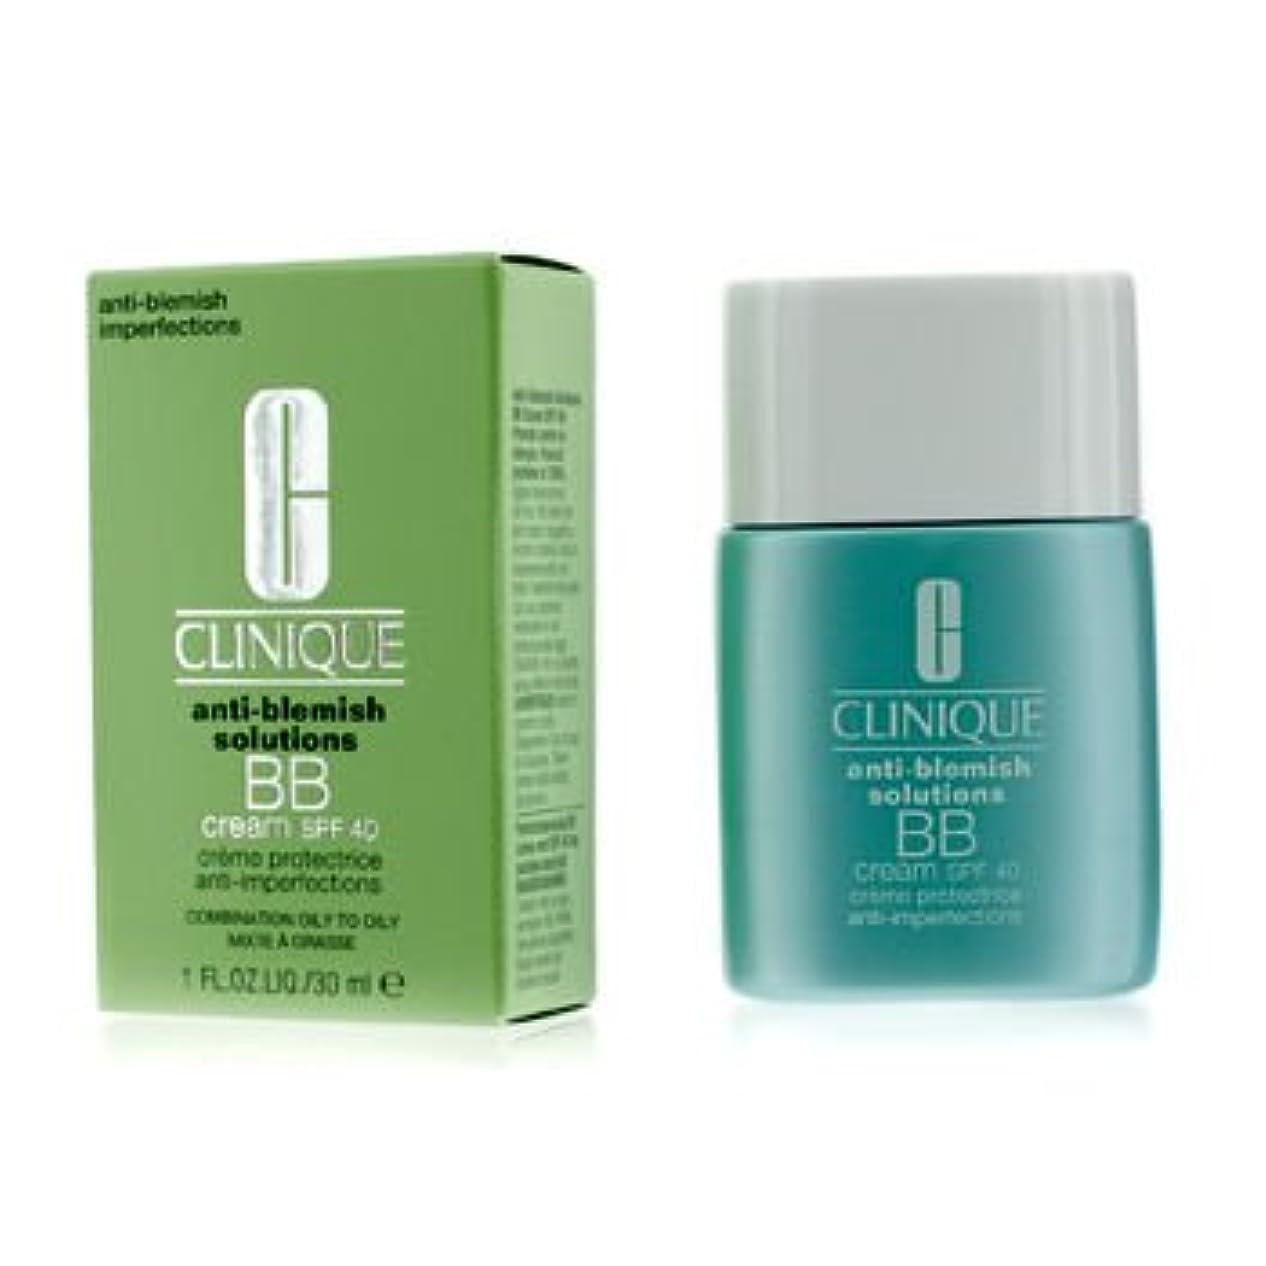 原点解明関与する[Clinique] Anti-Blemish Solutions BB Cream SPF 40 - Medium Deep (Combination Oily to Oily) 30ml/1oz